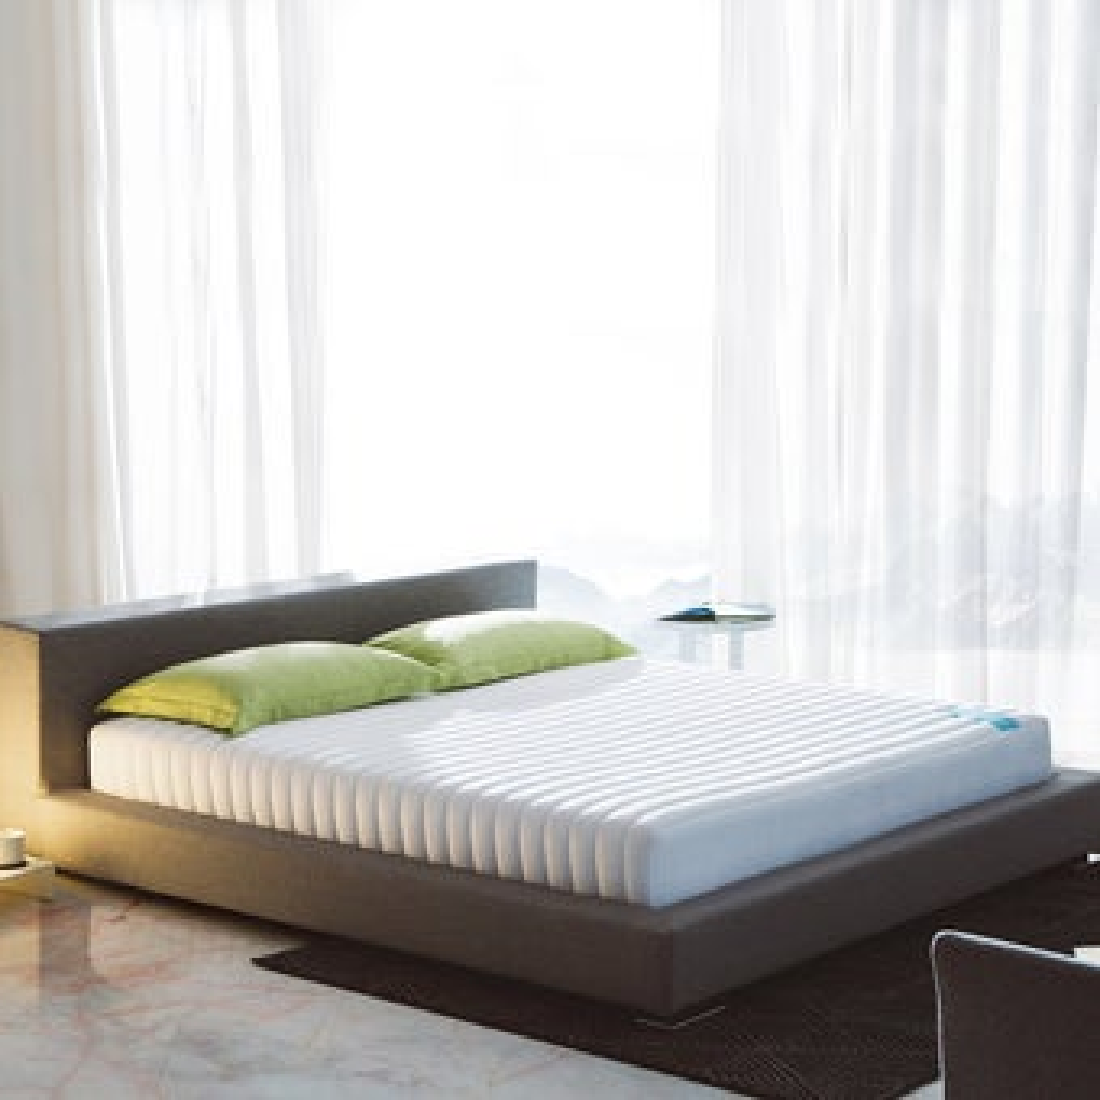 39013178-mattress-bedding-mattresses-foam-mattresses-31